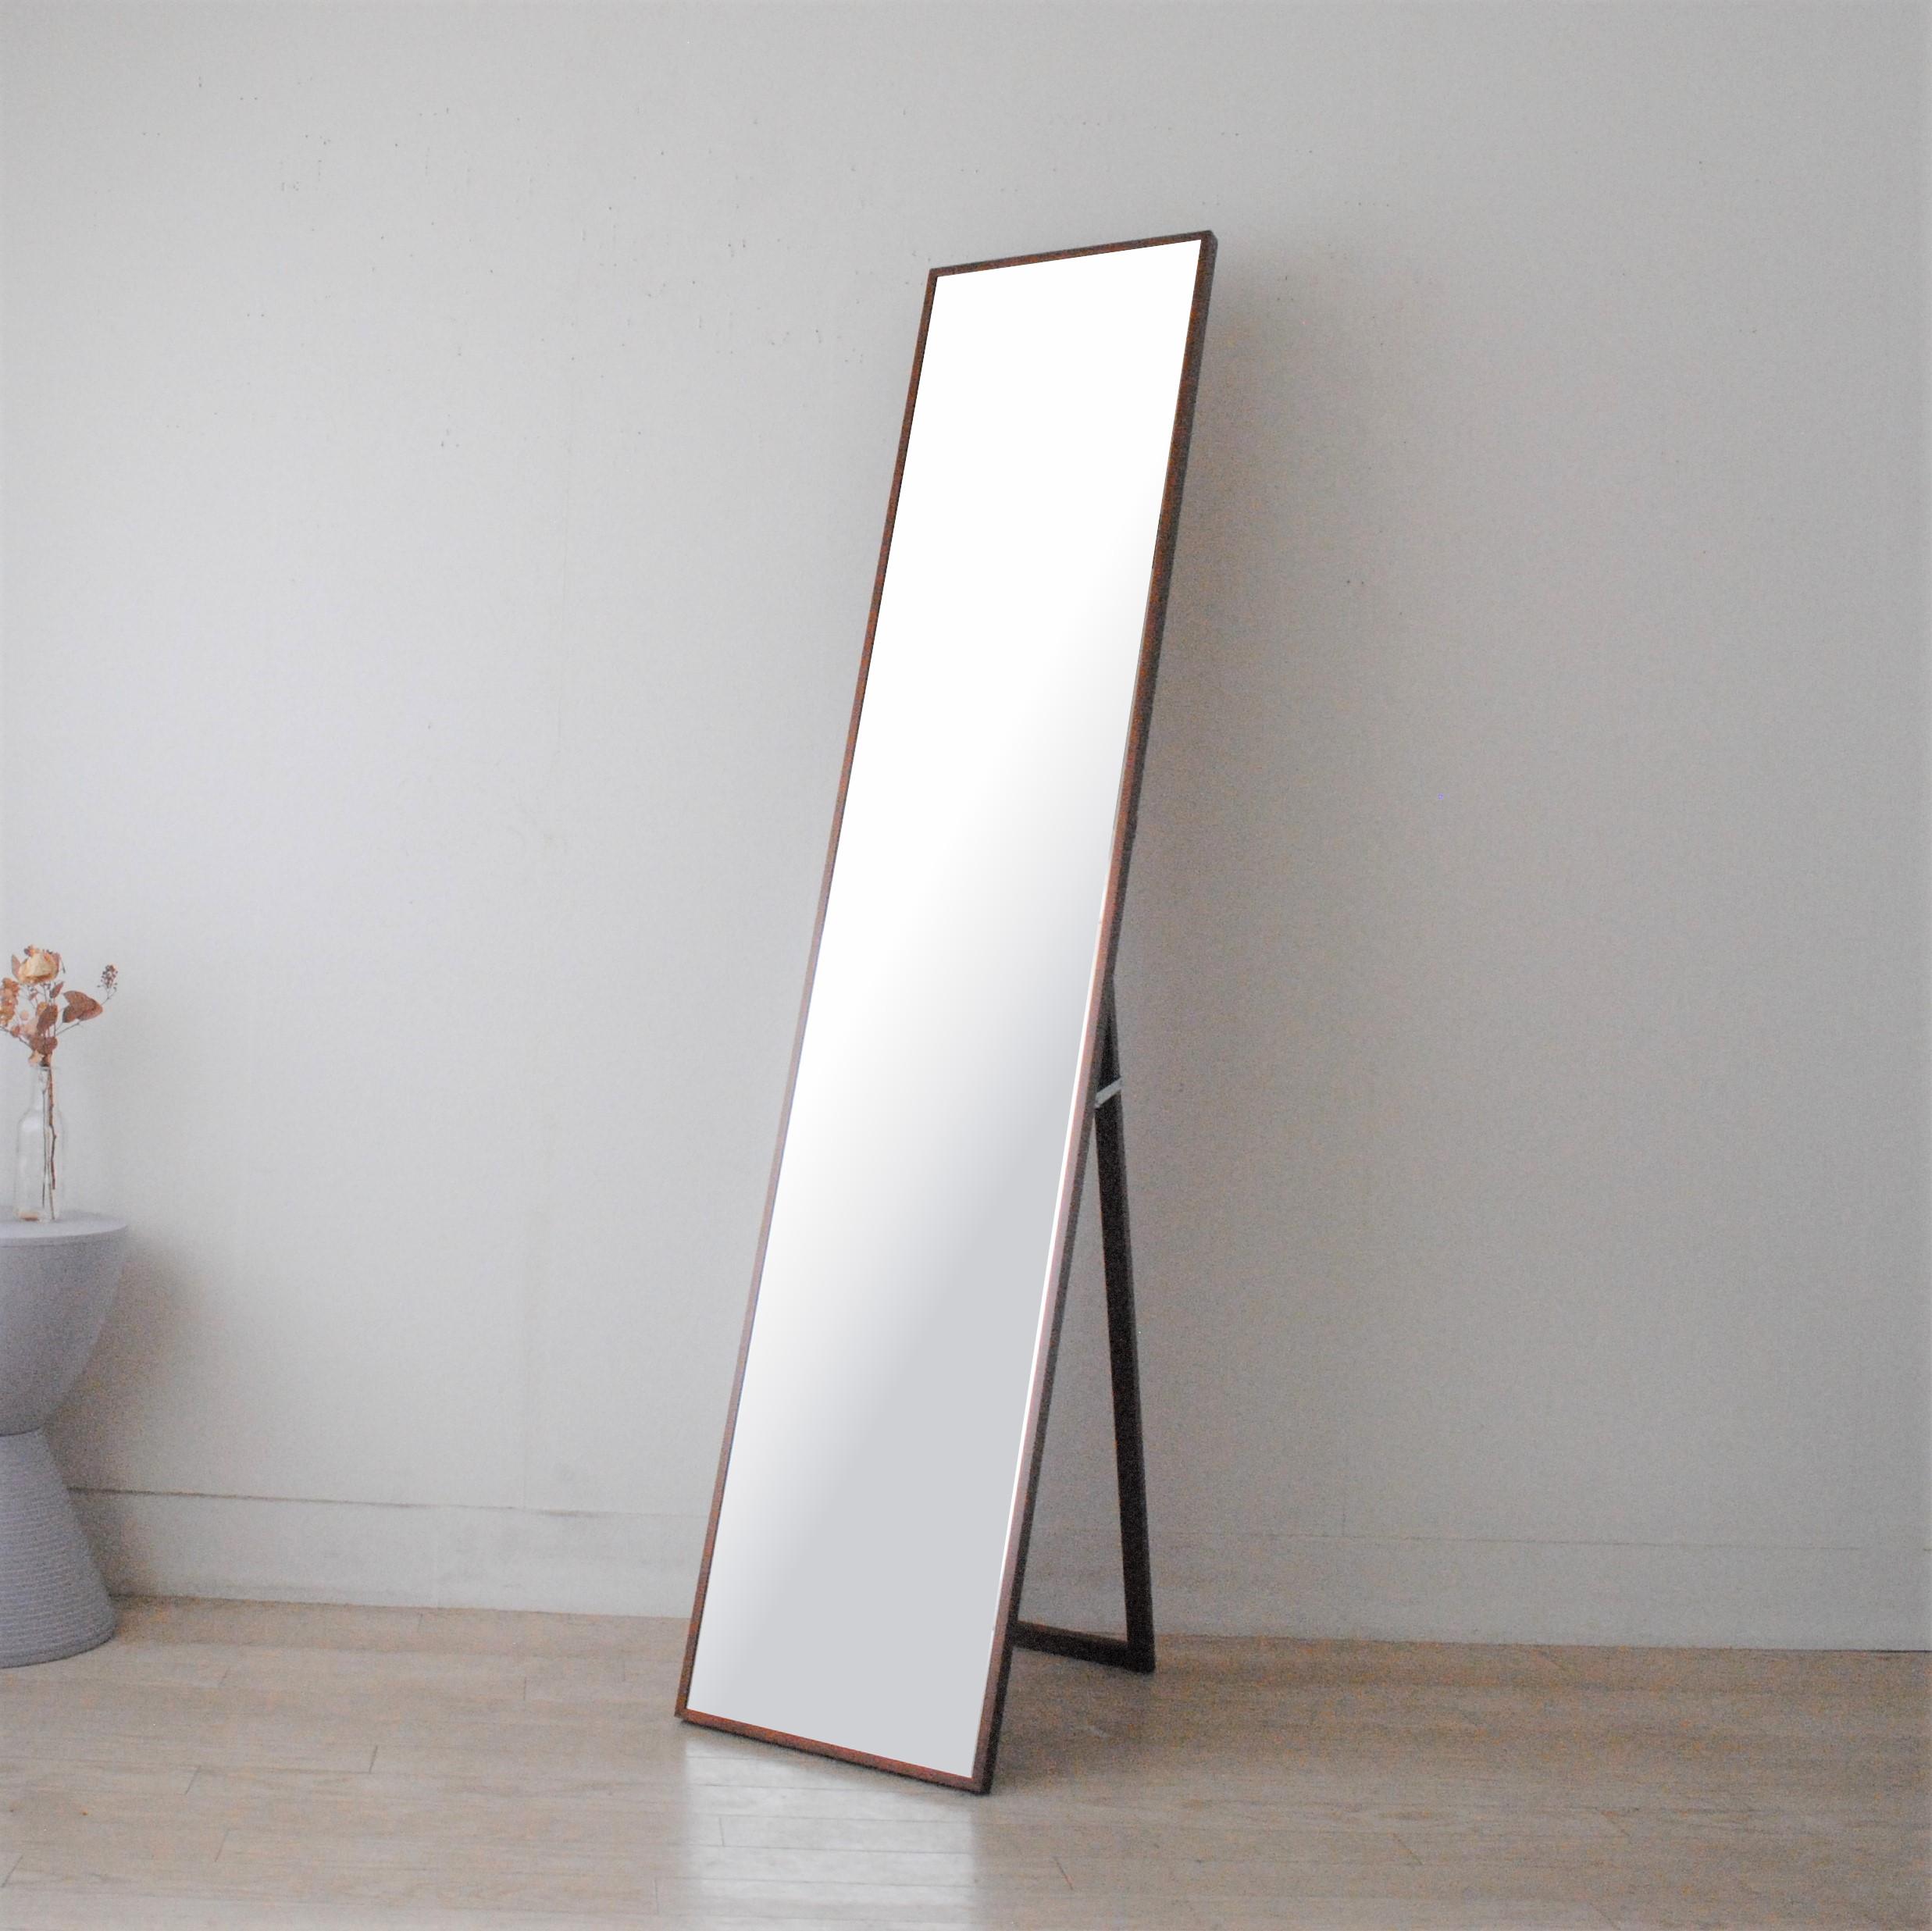 リブラ スタンドミラー 32x153cm 全12色 姿見 全身鏡 (通常便商品)